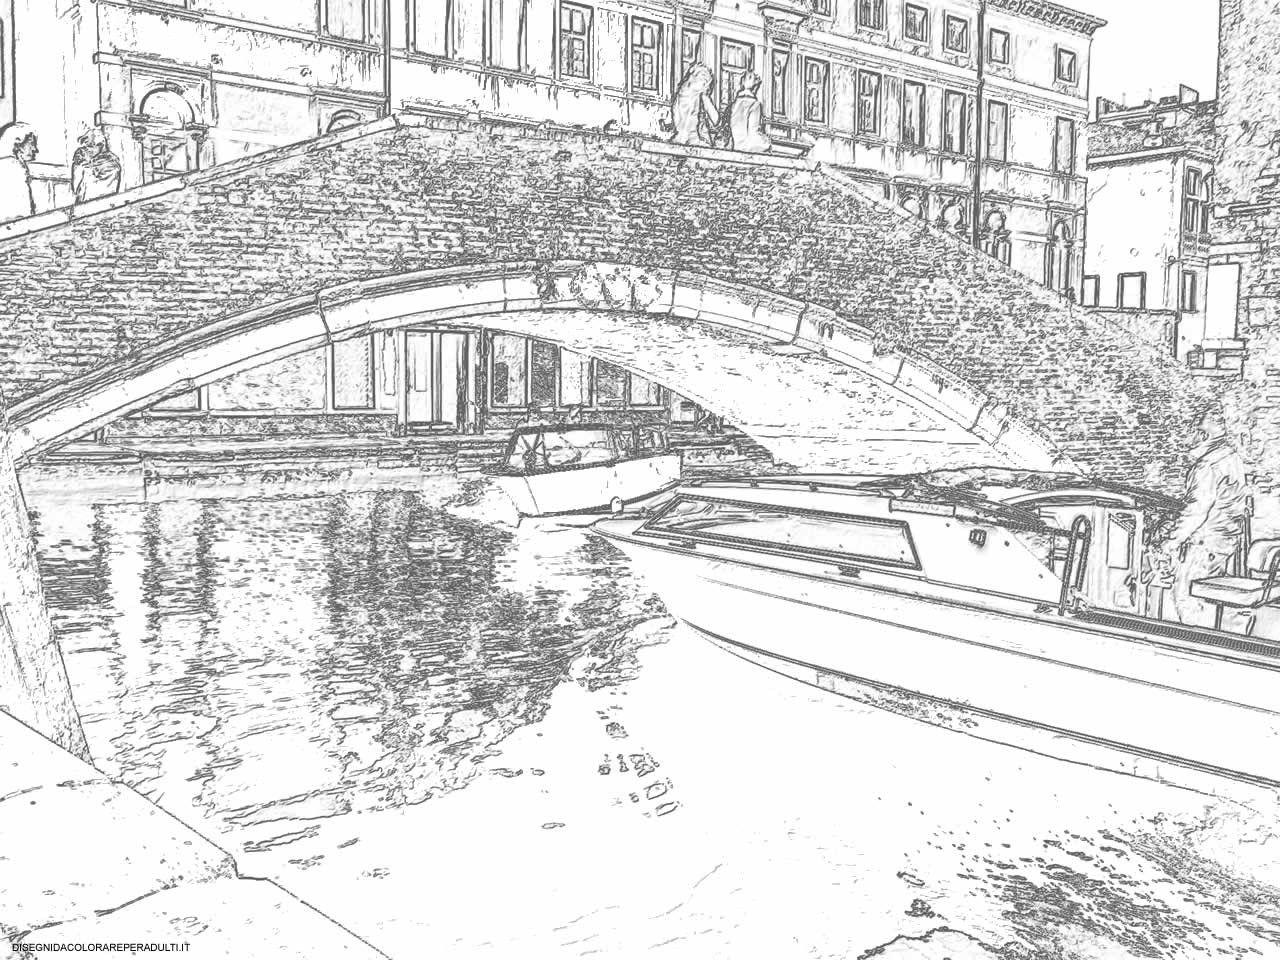 Disegni Da Colorare Di Venezia Con Disegni Di Paesaggi In Bianco E